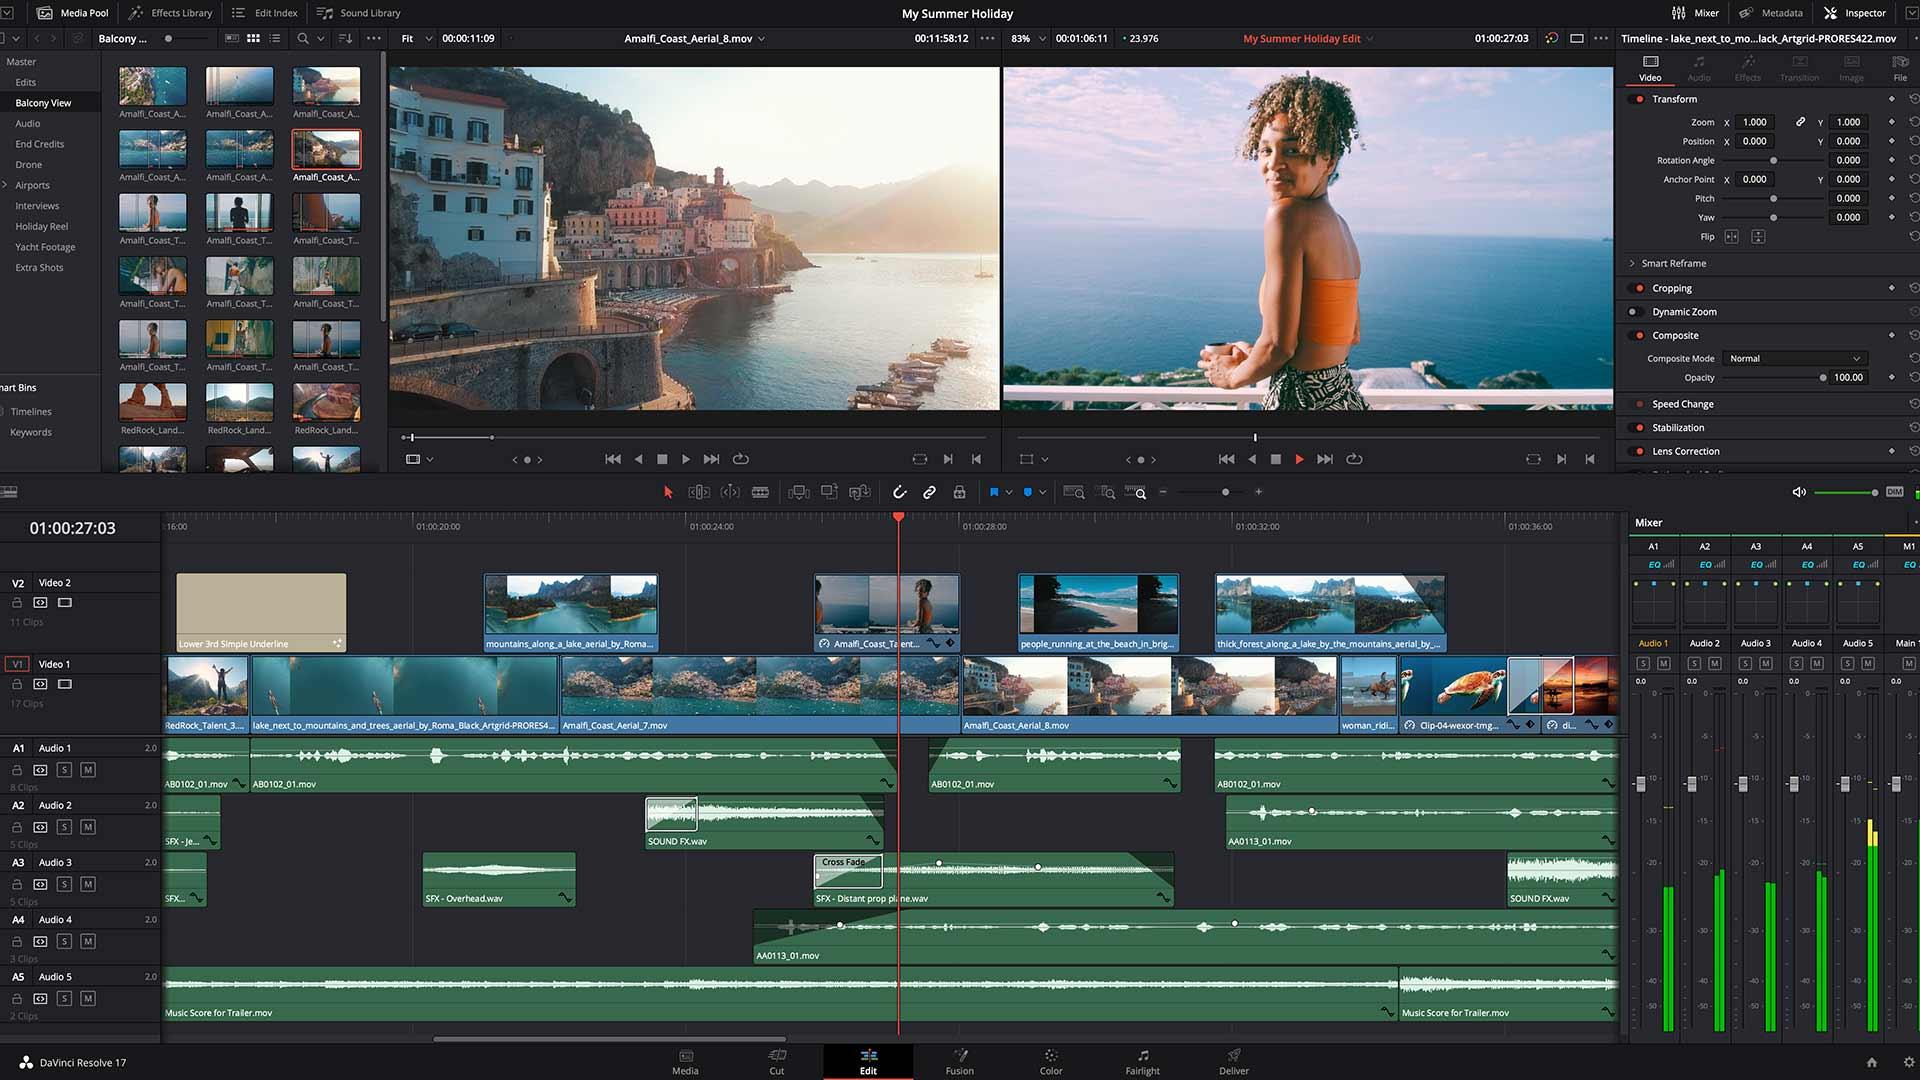 Blackmagic Design has released DaVinci Resolve 17.3. Image: Blackmagic Design.